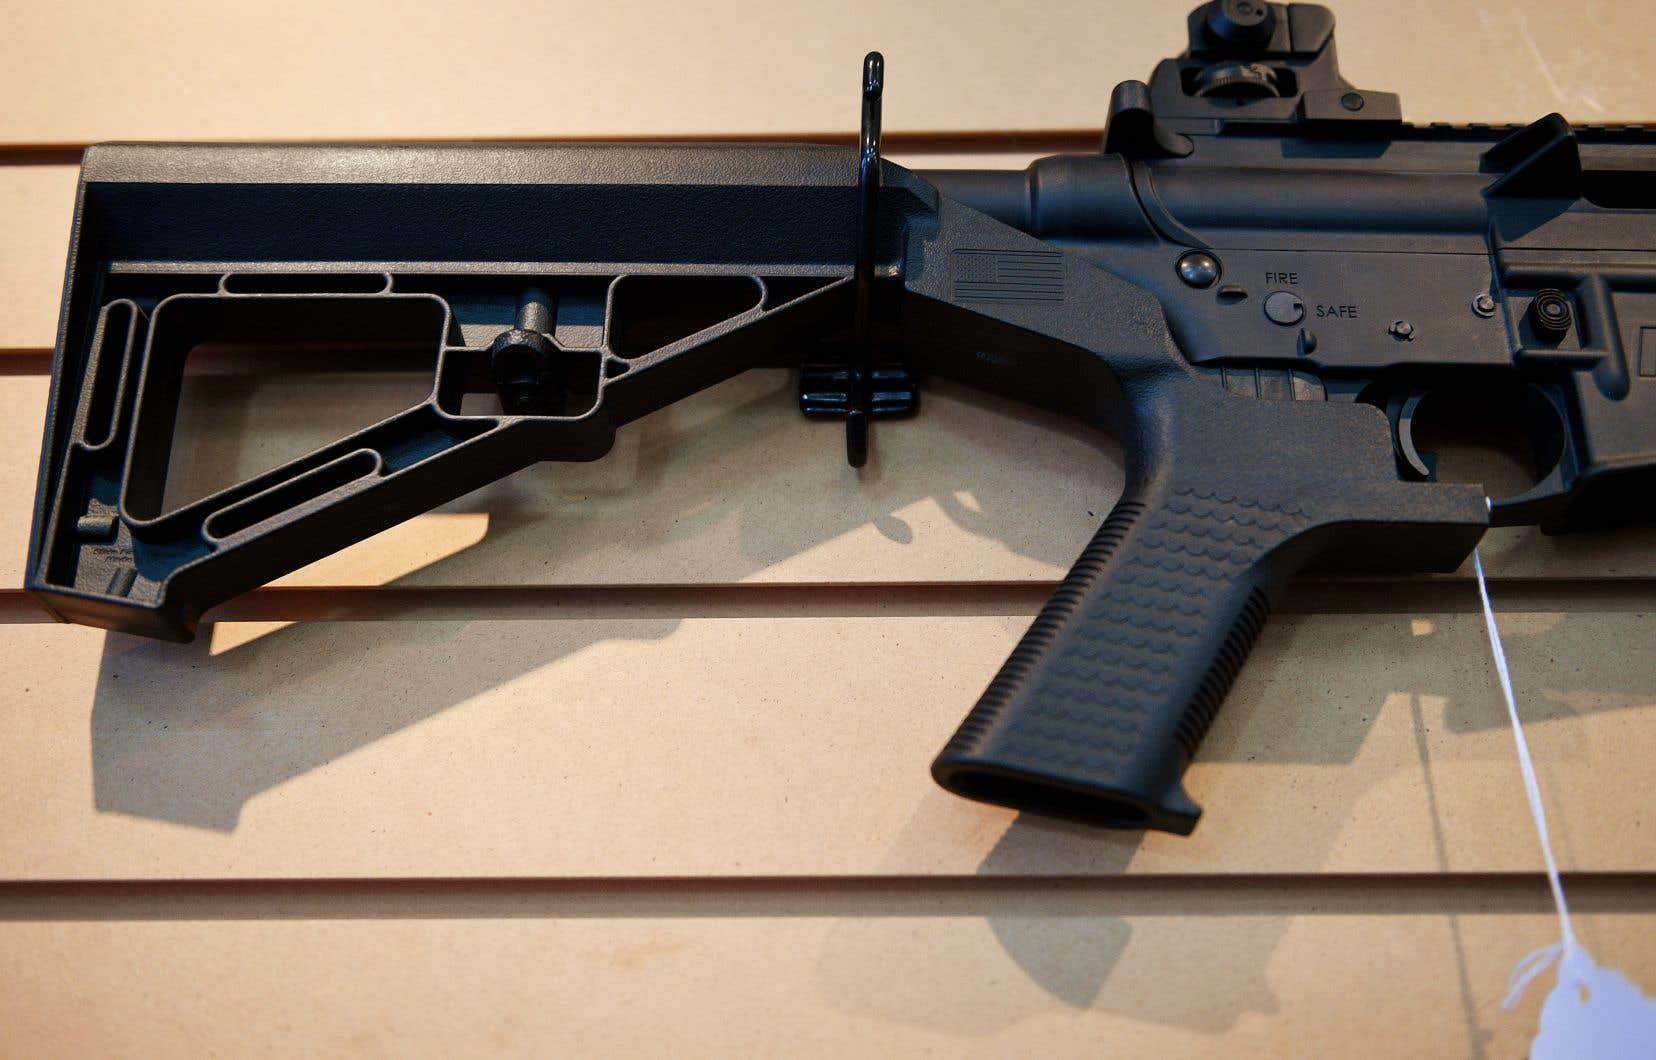 Le «bump stock» est une crosse amovible qui utilise l'énergie du recul de l'arme pour imprimer un mouvement de va-et-vient extrêmement rapide au fusil.